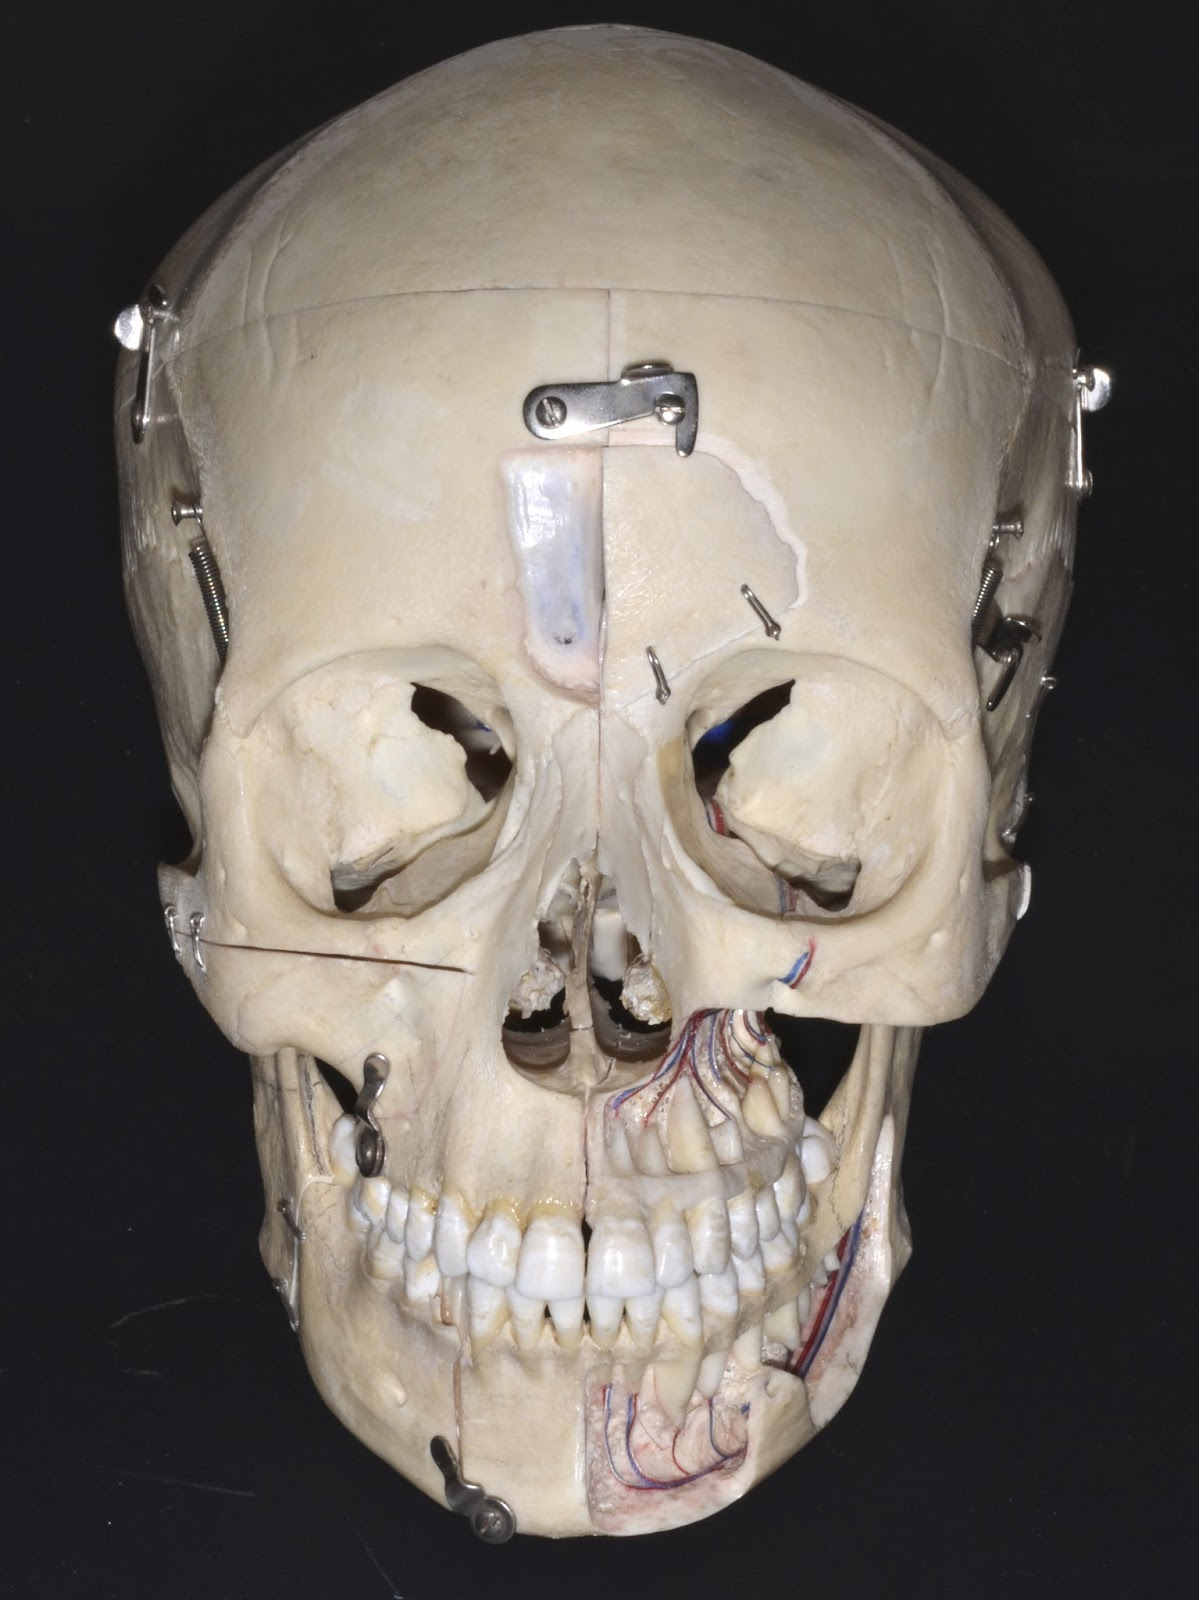 Cranio Maxillo Facial Surgery. Cirugía Cráneo Maxilofacial. Head and ...